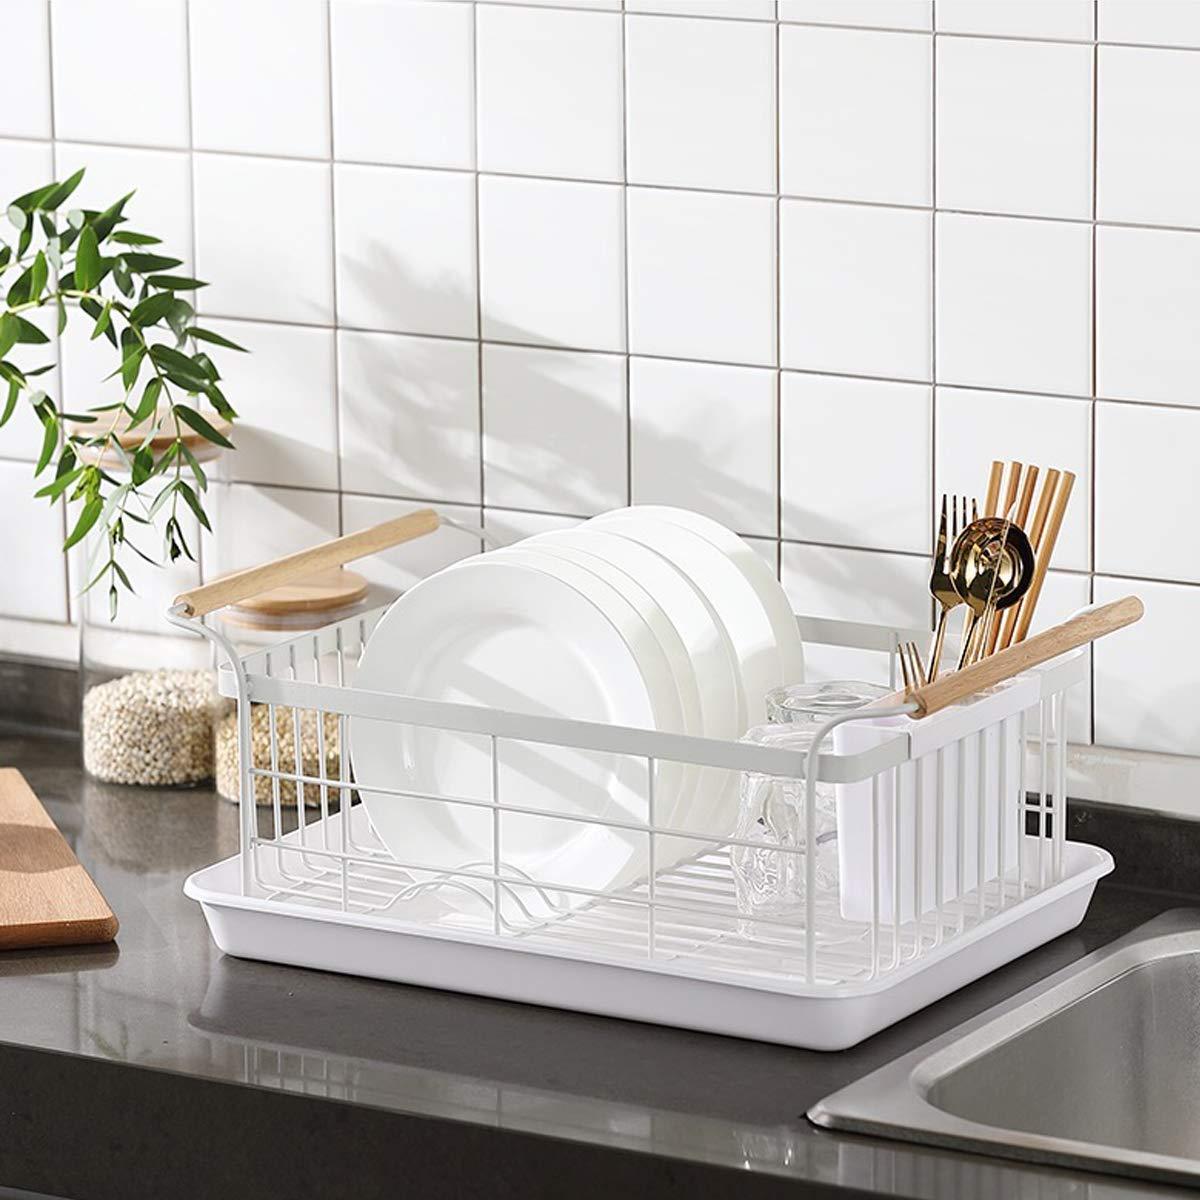 blanco escurreplatos con asas de madera,estantes y soportes de almacenamiento de cocina Escurreplatos con bandeja de goteo